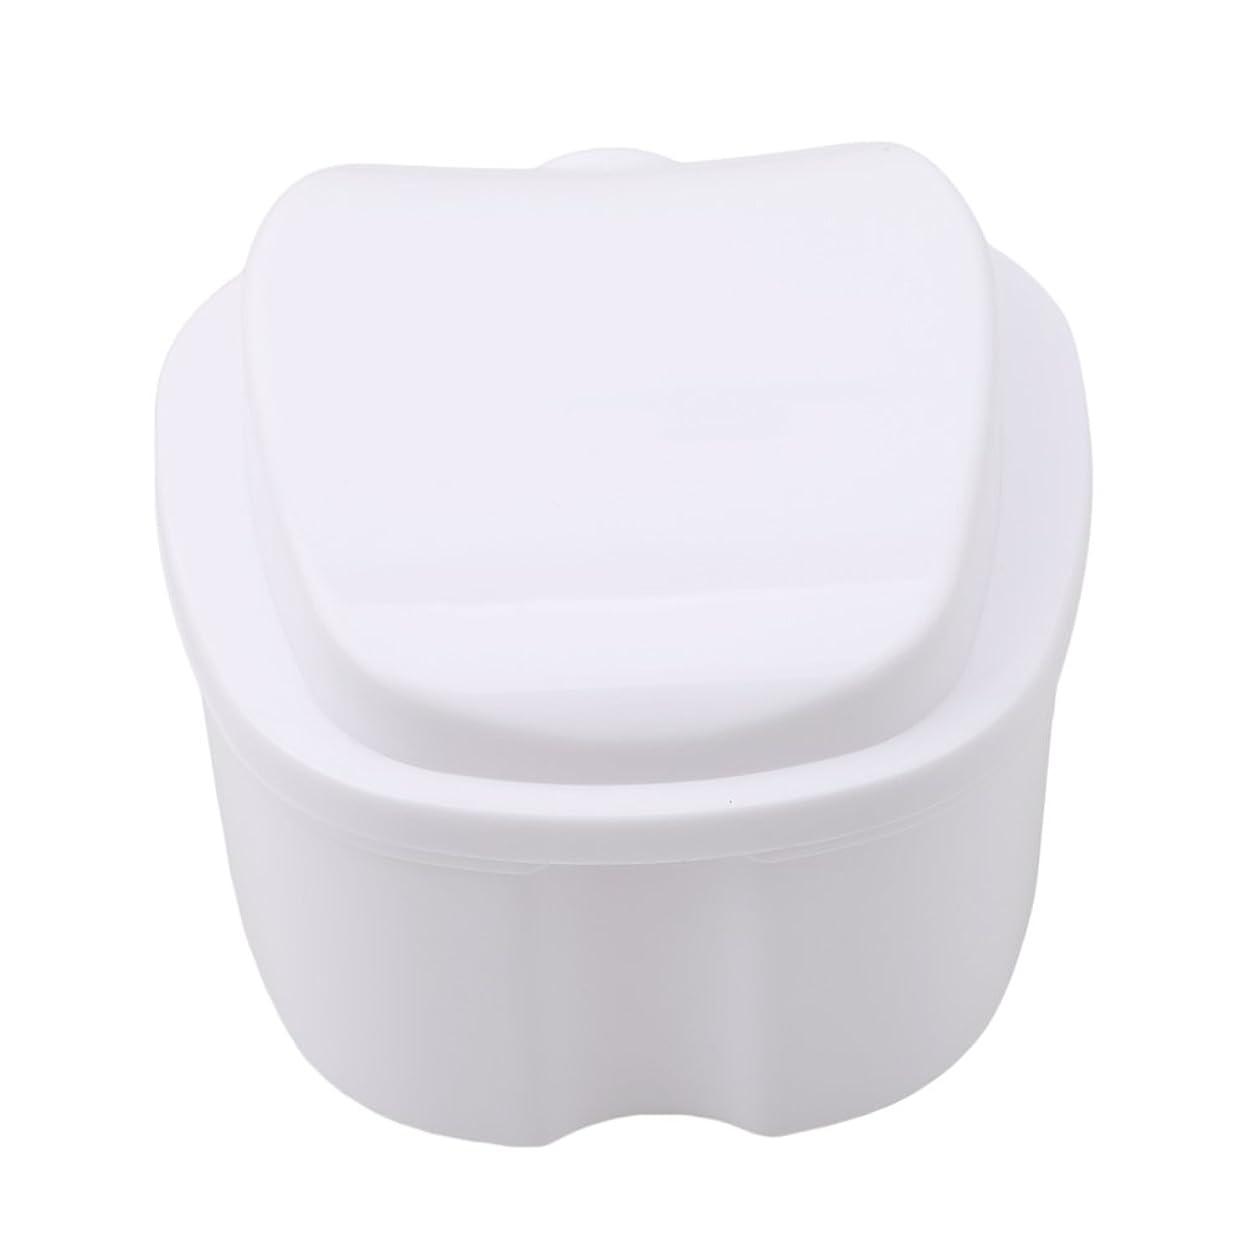 然とした機転動物Honel 収納ボックス 義歯収納用 リテーナーケース りんご柄 ホワイト